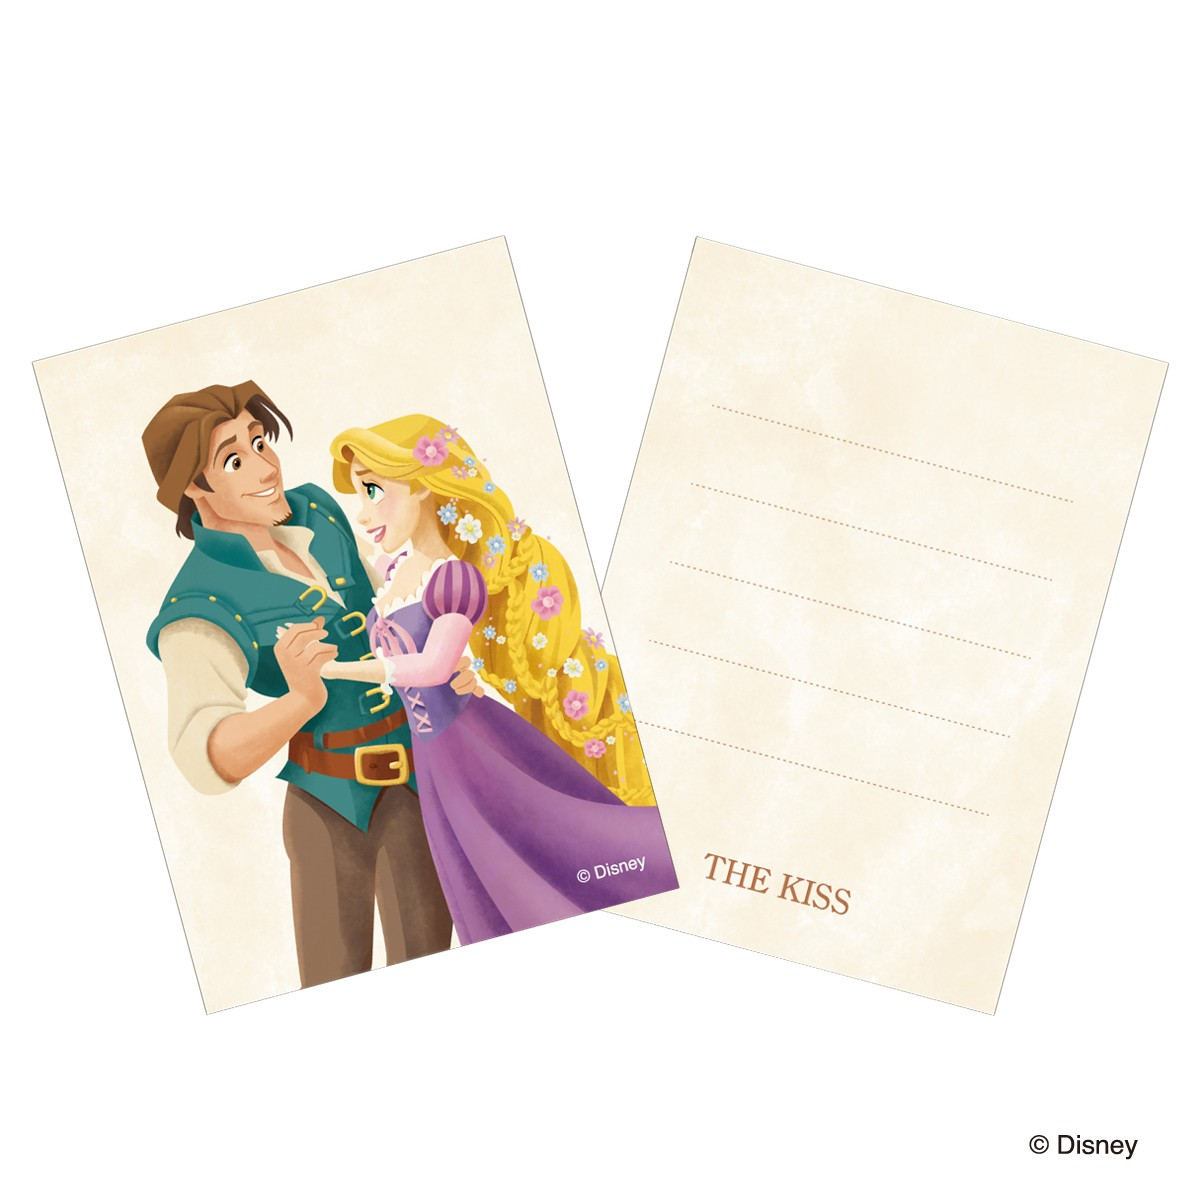 【ディズニー】THE KISS ディズニー ラプンツェル ネックレス DI-SN2410CB 【Disney】